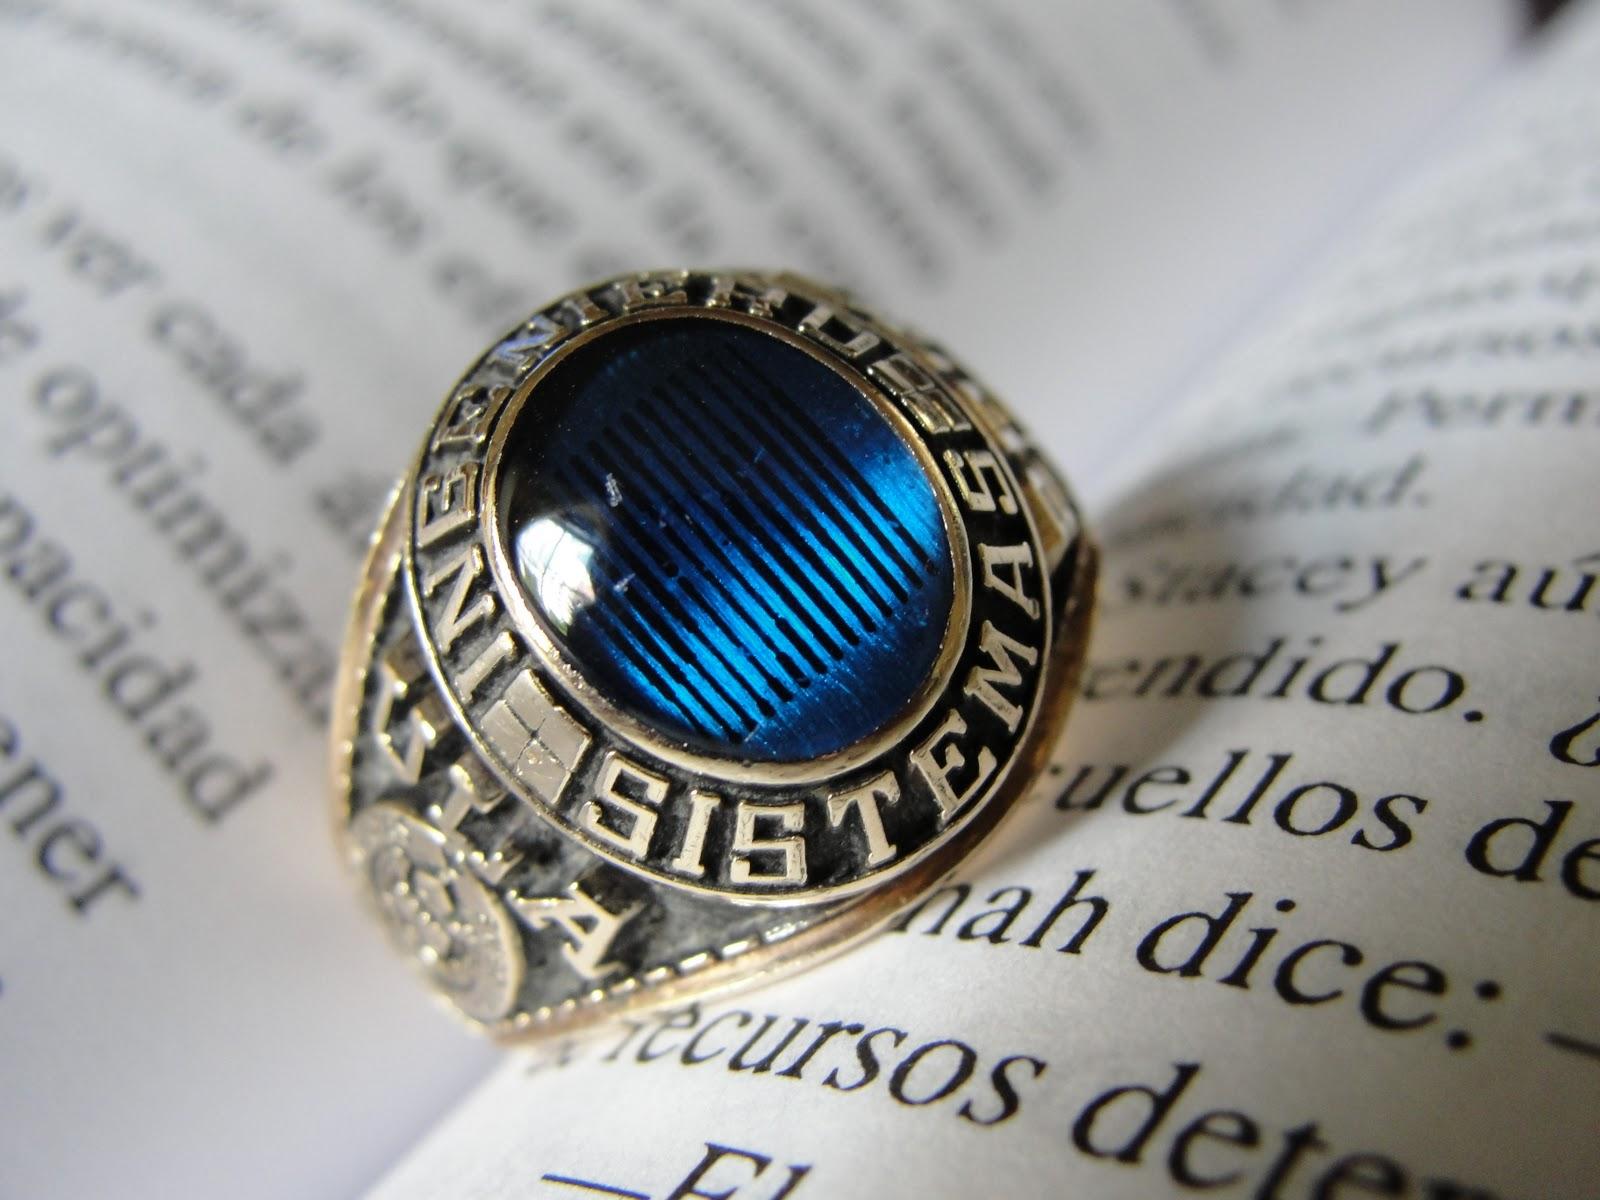 imagenes de anillos de grado - Arte y Graduaciónes Arte y Graduaciónes